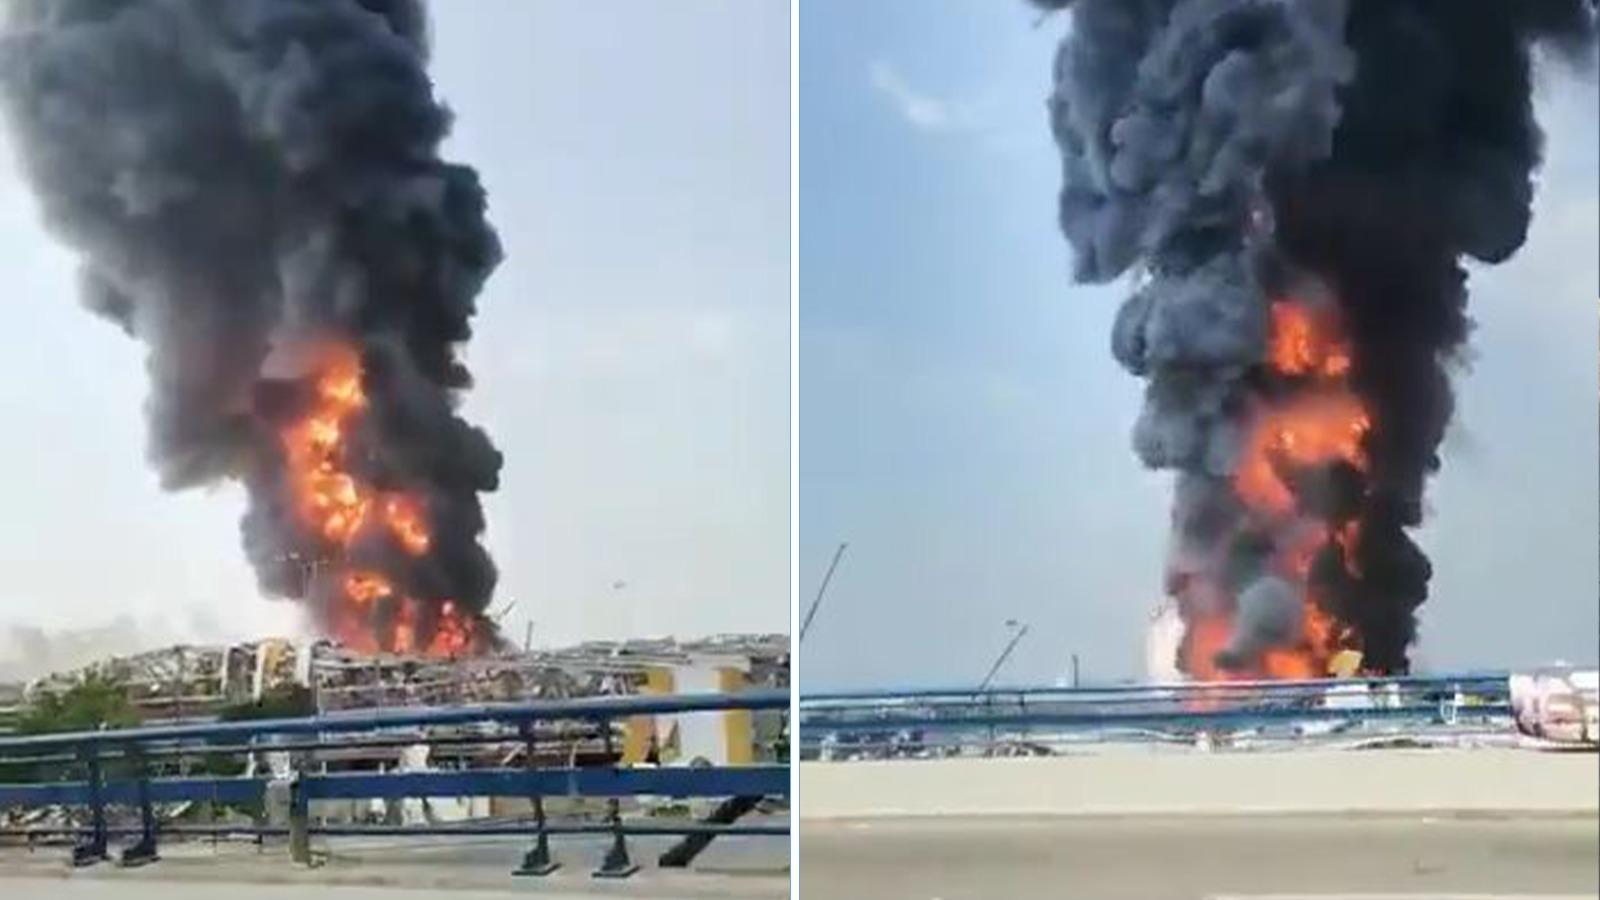 Geçen ay dev patlamaların meydana geldiği Beyrut Limanı'nda büyük yangın